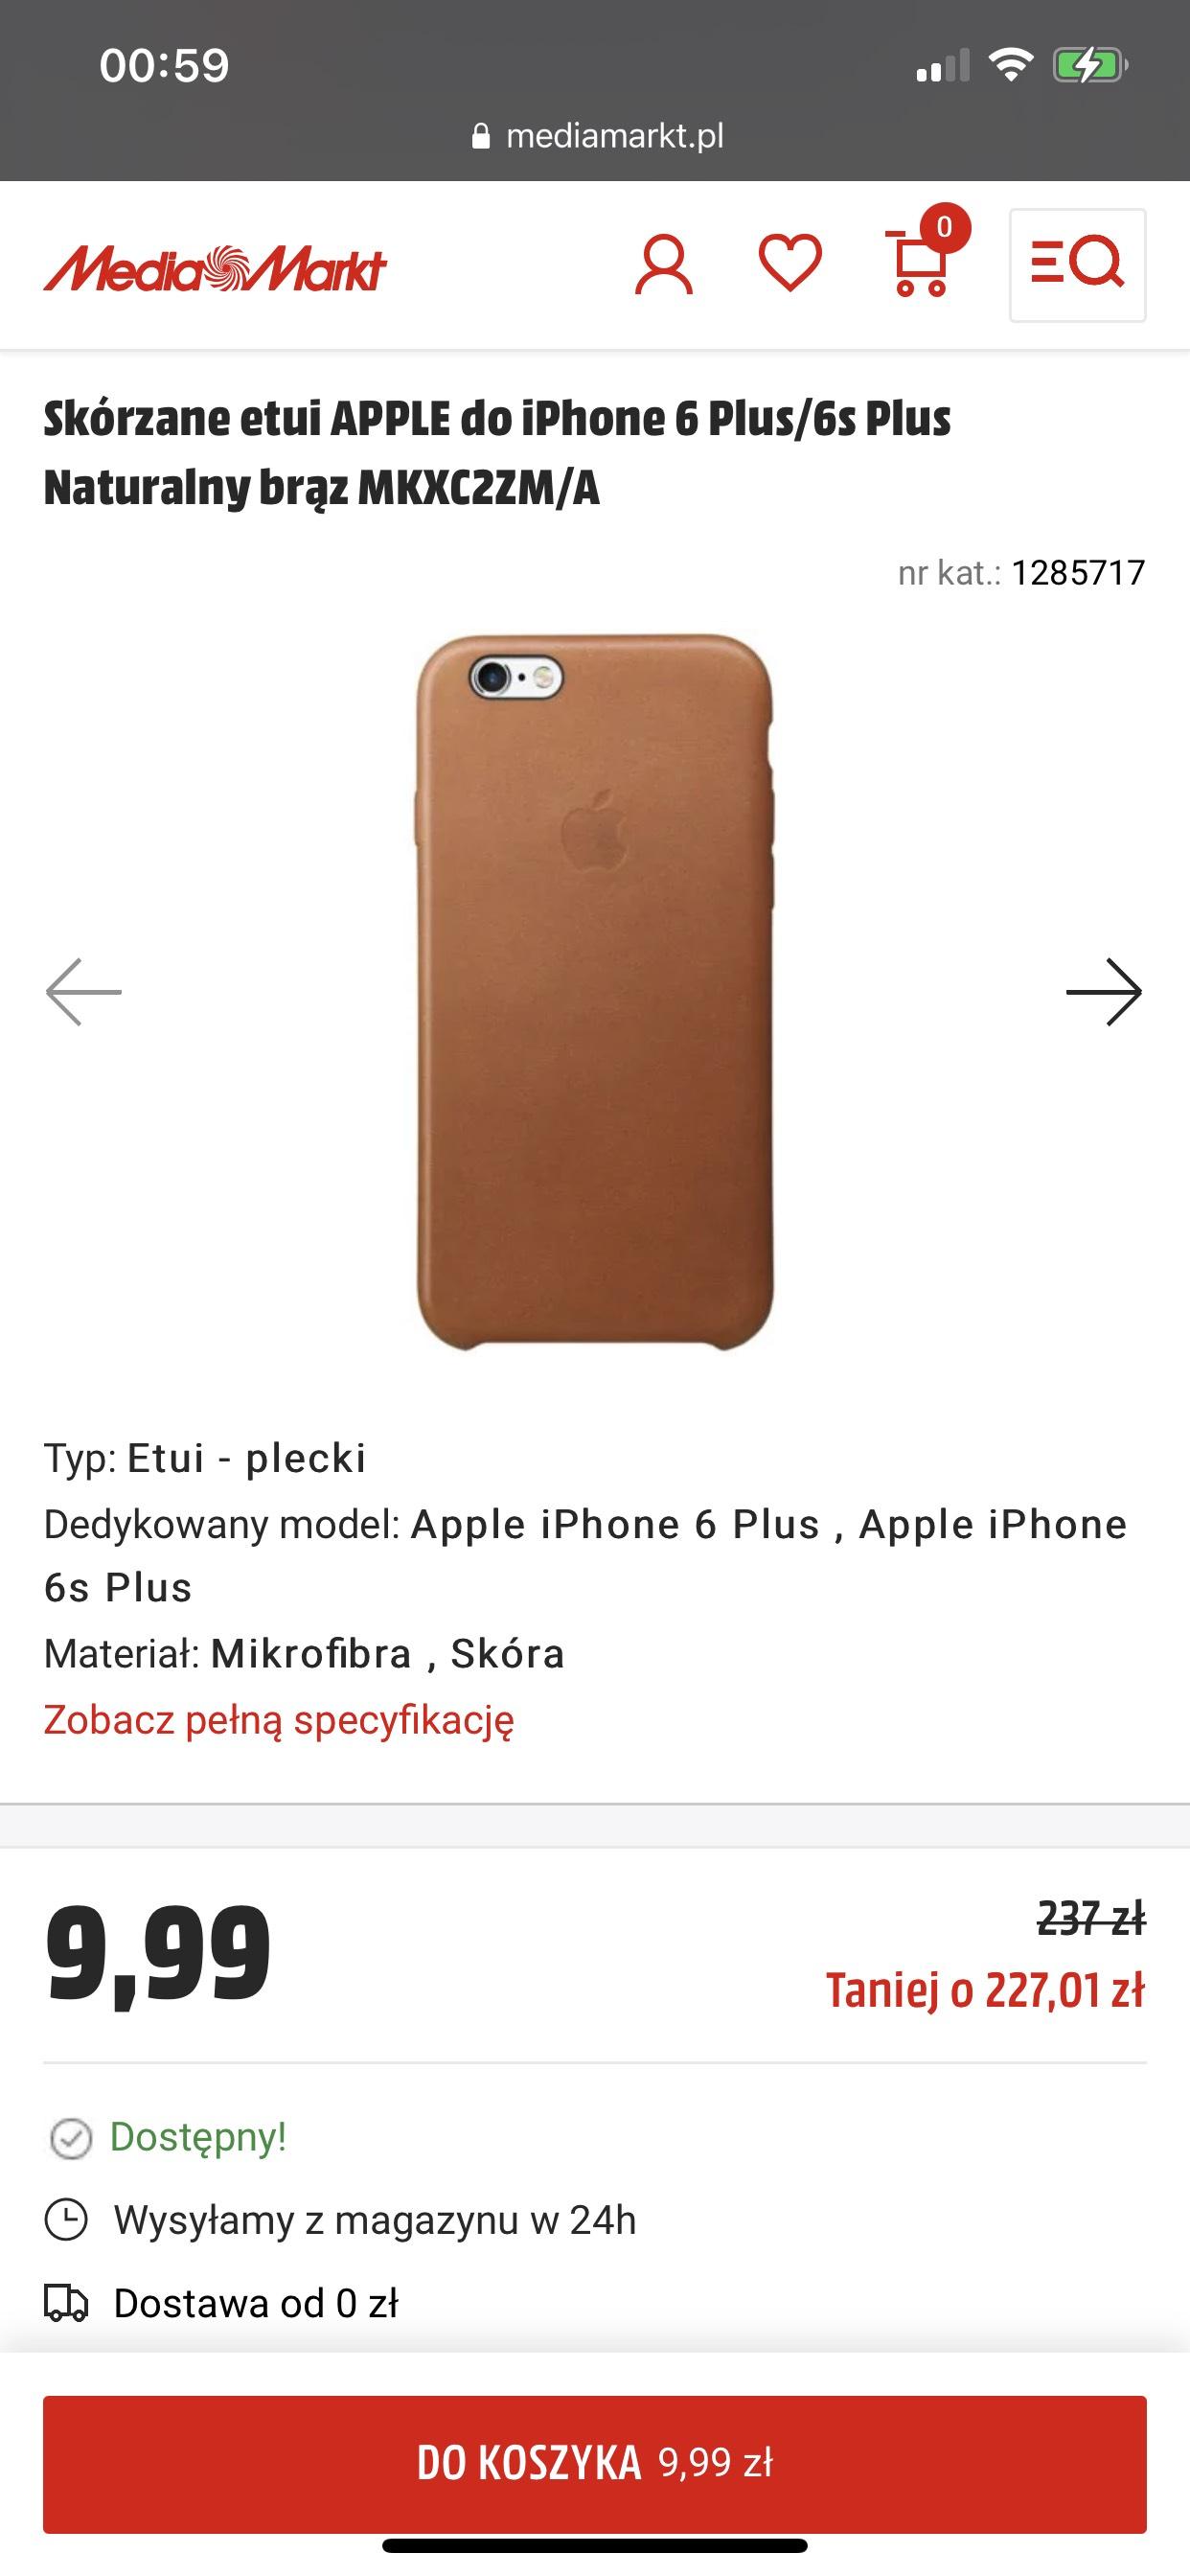 Skórzane etui APPLE do iPhone 6 Plus/6s Plus Naturalny brąz MKXC2ZM/A